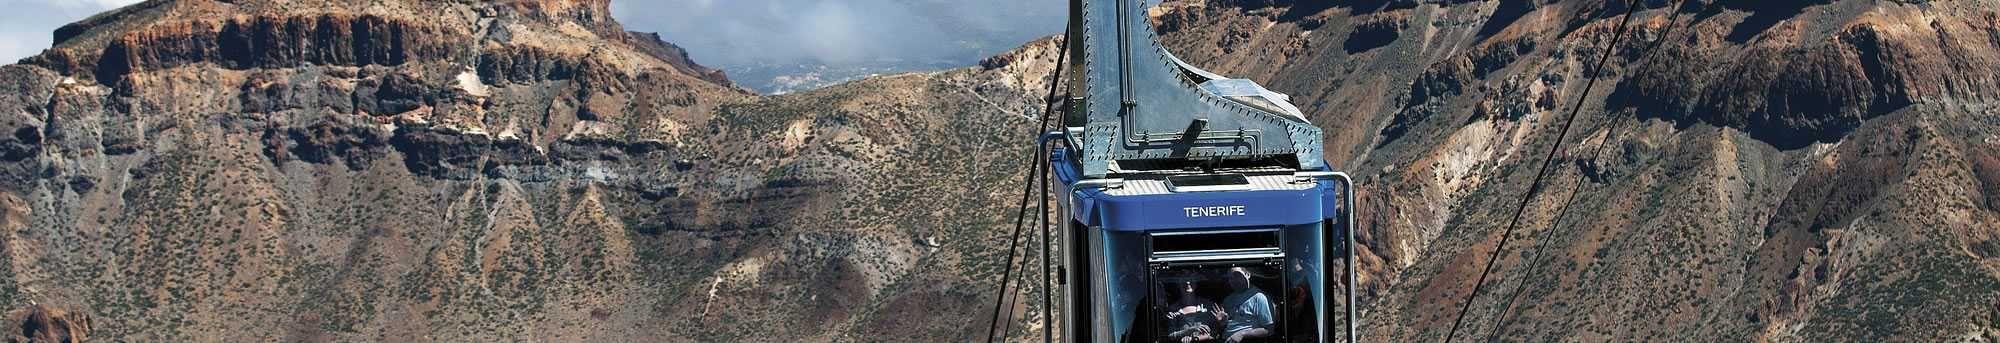 Teleférico del Teide - Tenerife